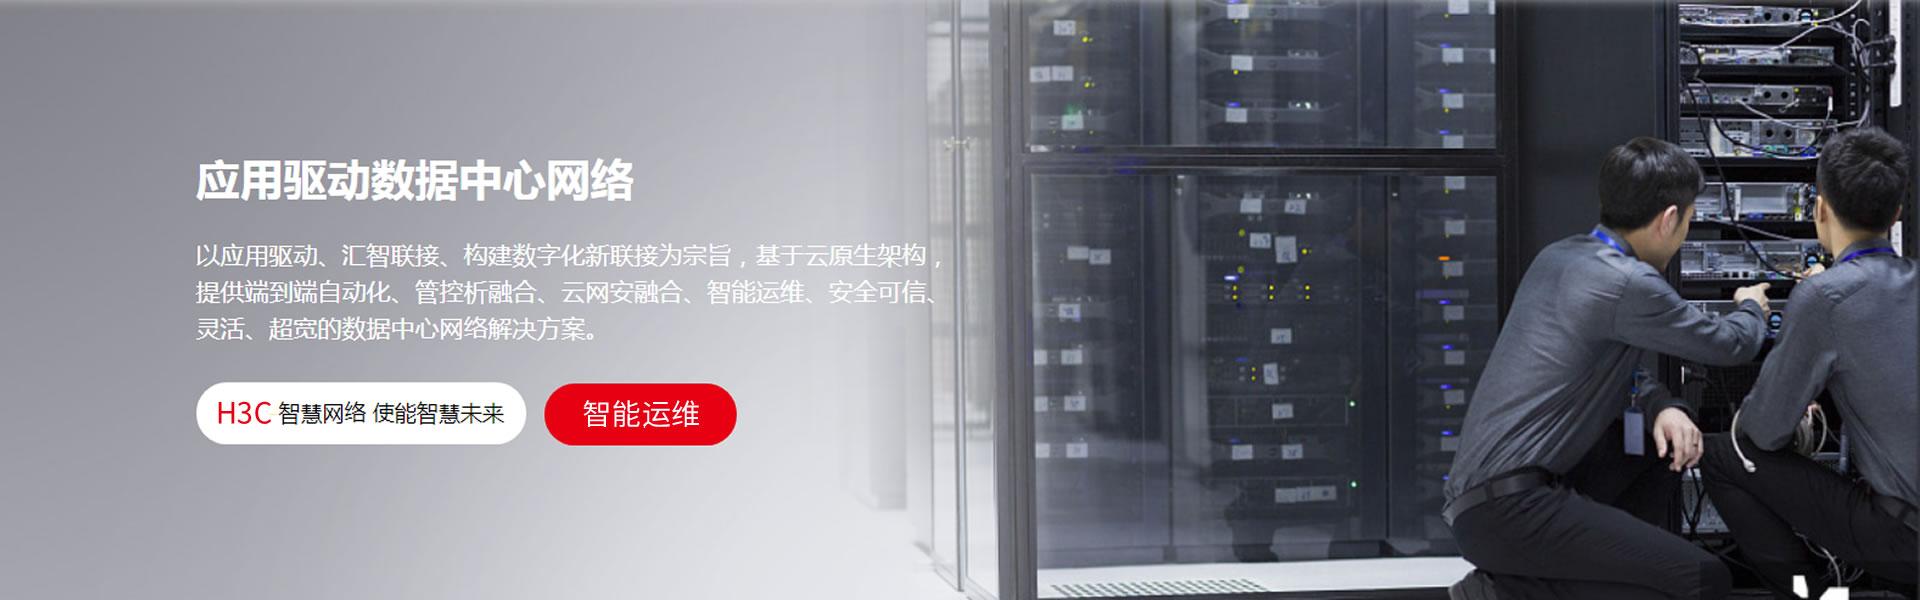 西安华三服务器代理商